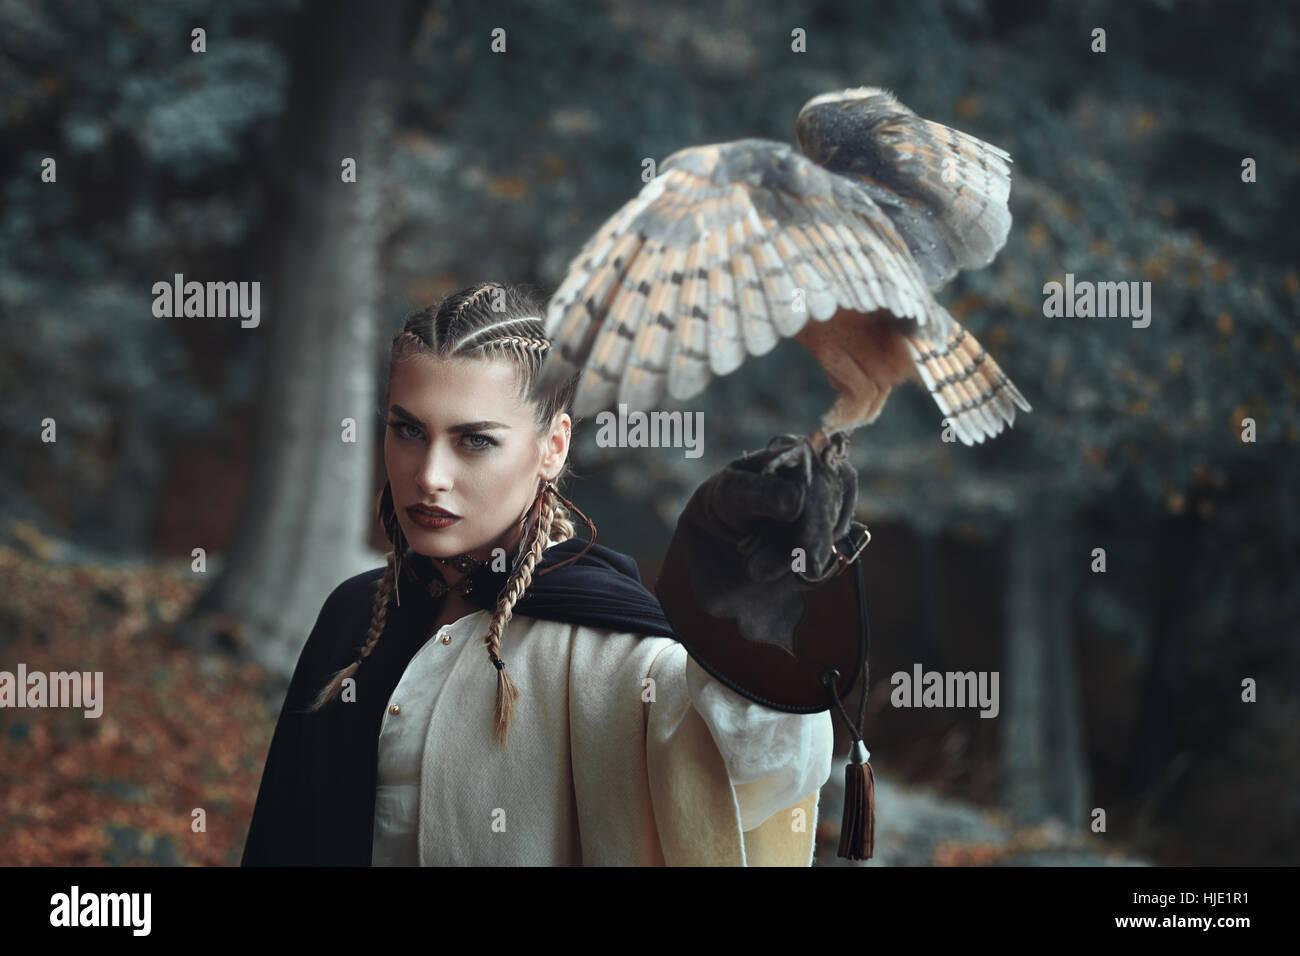 Schöne Dame in surrealen Wald mit einer Eule. Fantasie und Falknerei Stockbild